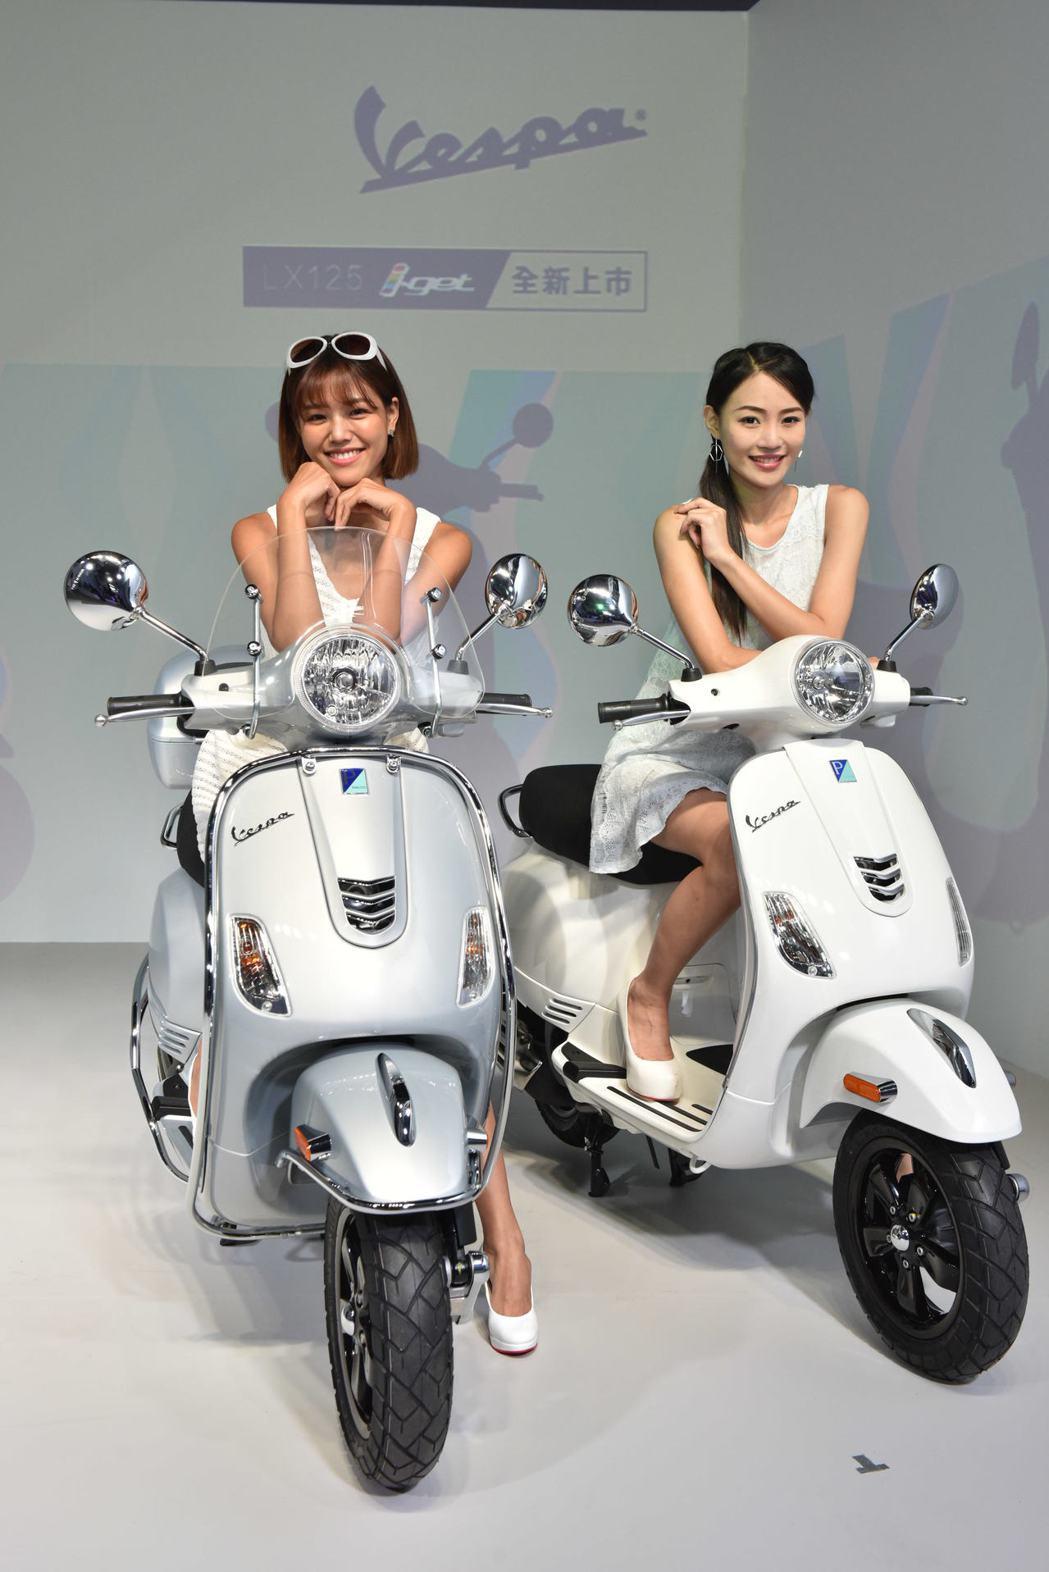 可愛的模特兒與Vespa LX125 i-get。圖/太古運通提供